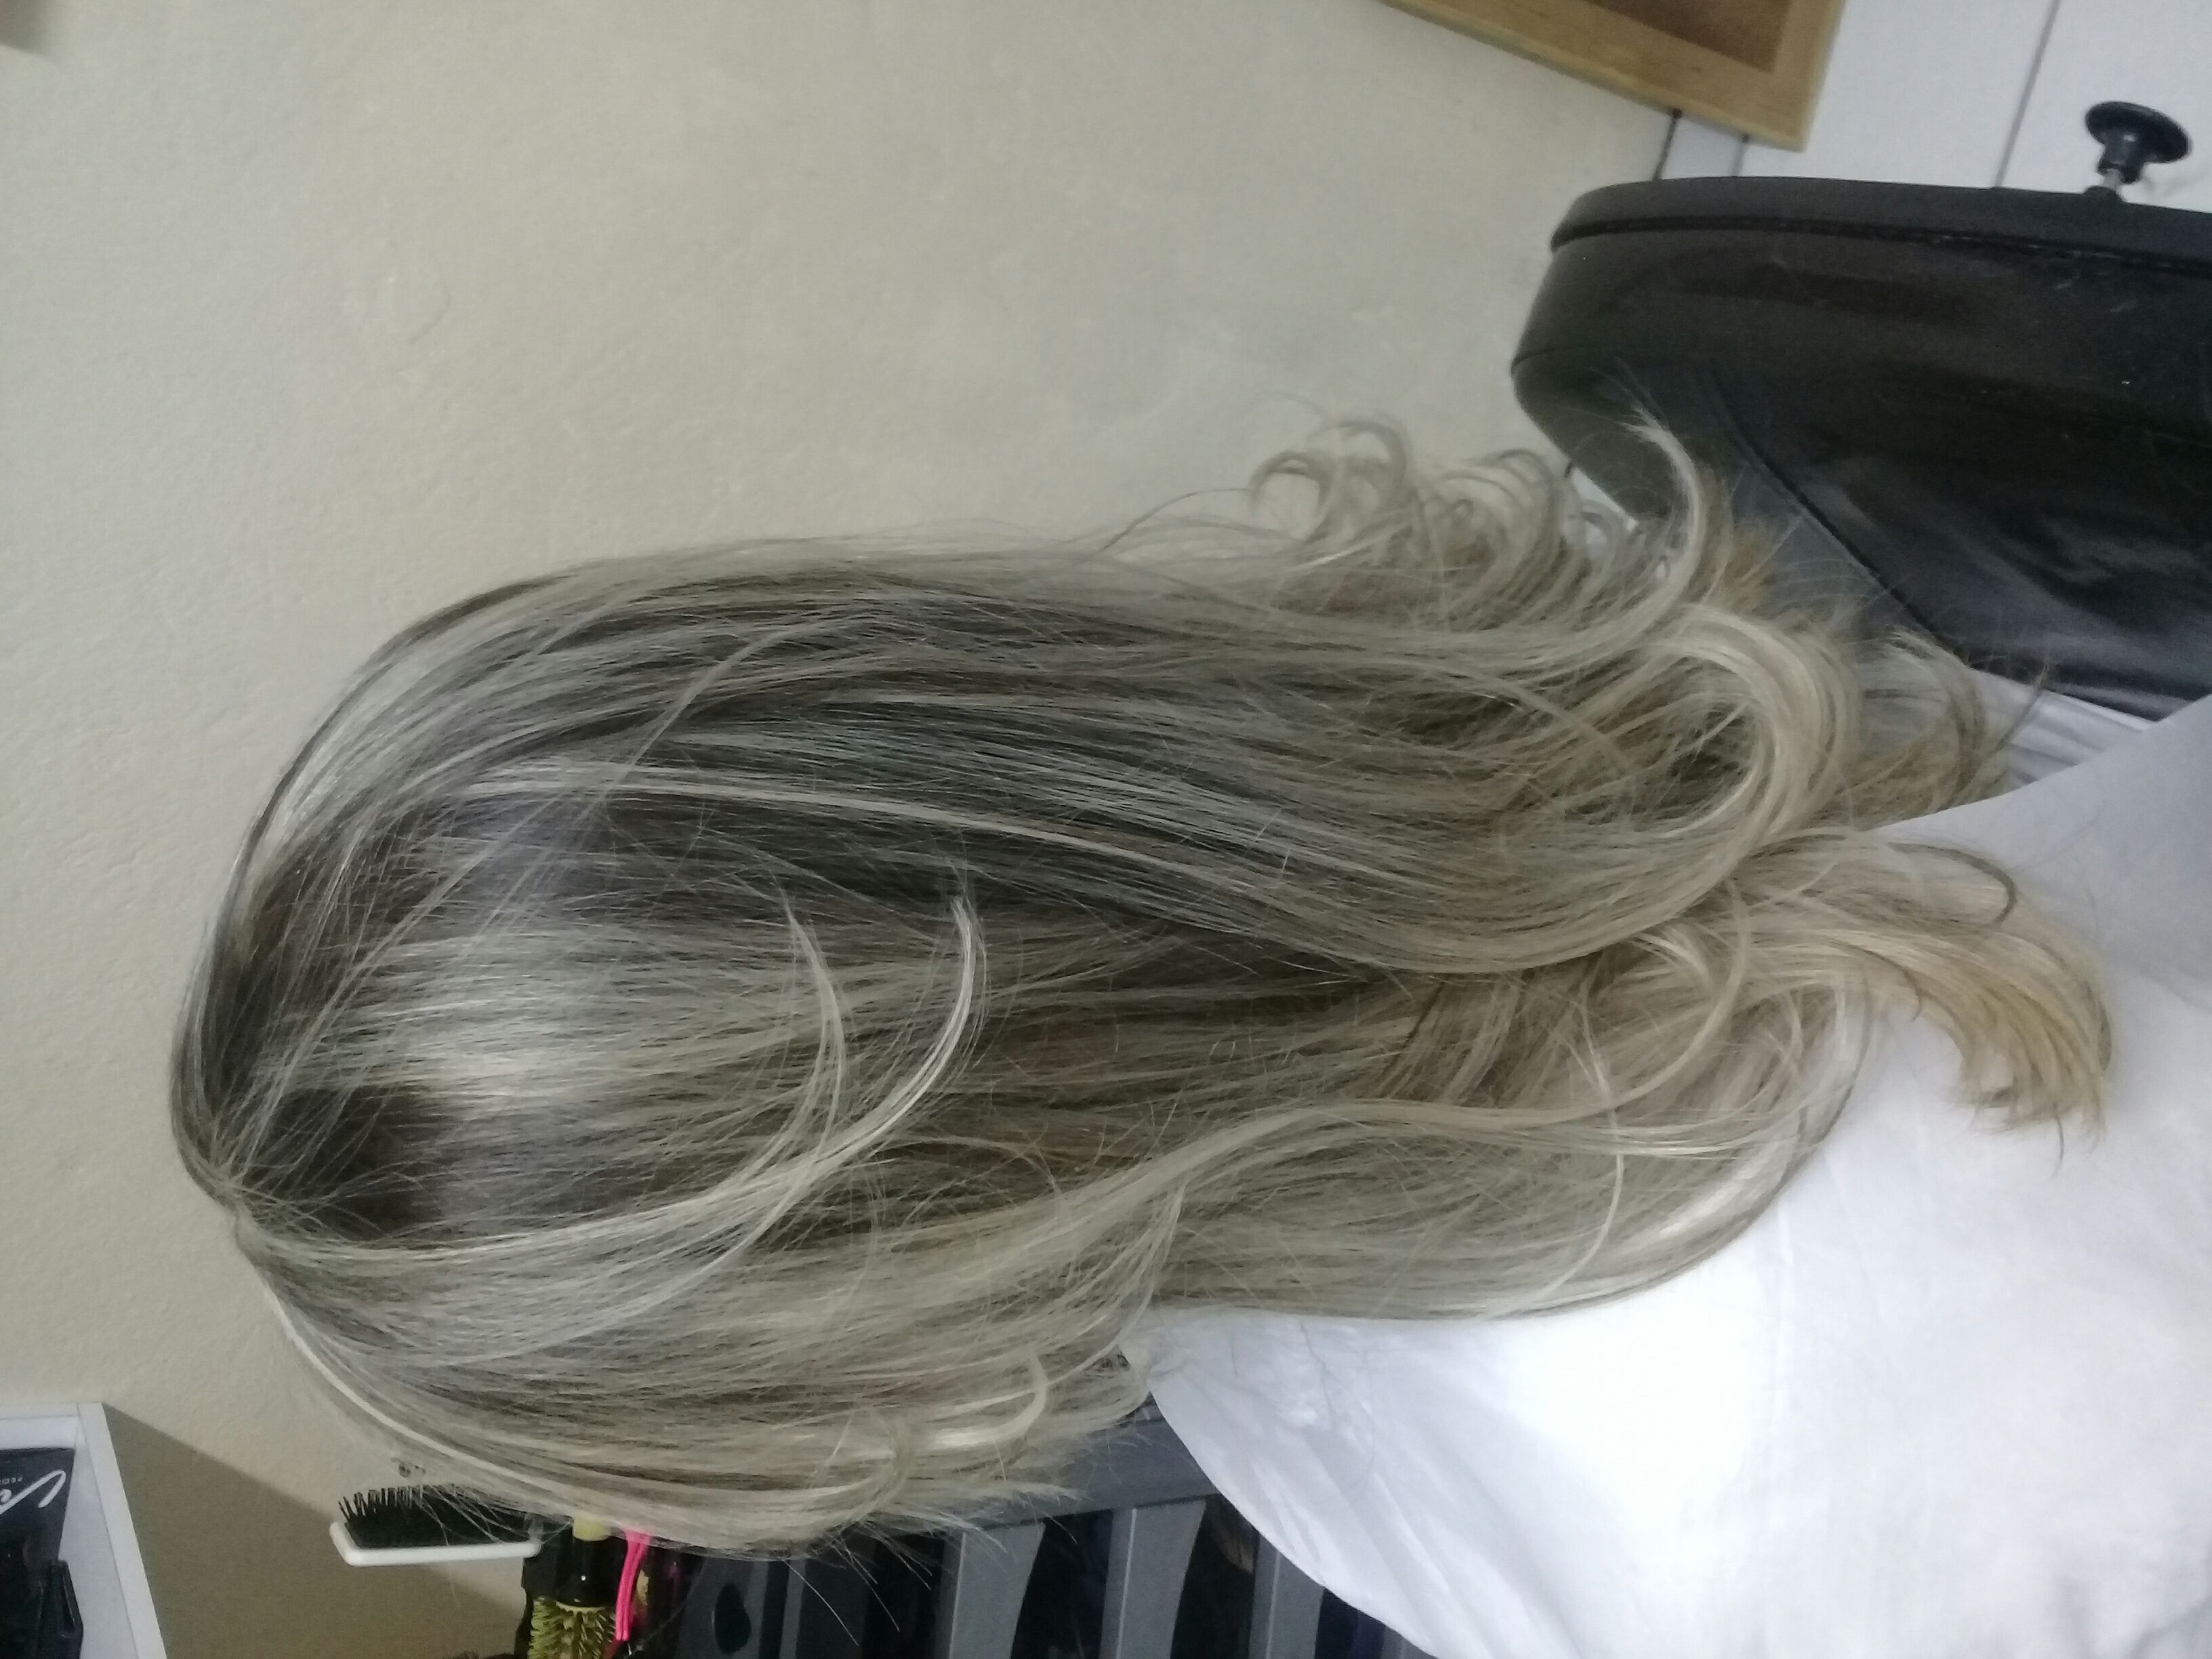 cabeleireiro(a) barbeiro(a) cabeleireiro(a) cabeleireiro(a) cabeleireiro(a) cabeleireiro(a) cabeleireiro(a) cabeleireiro(a) cabeleireiro(a) cabeleireiro(a) cabeleireiro(a) cabeleireiro(a) cabeleireiro(a) barbeiro(a) cabeleireiro(a) cabeleireiro(a) cabeleireiro(a) barbeiro(a)